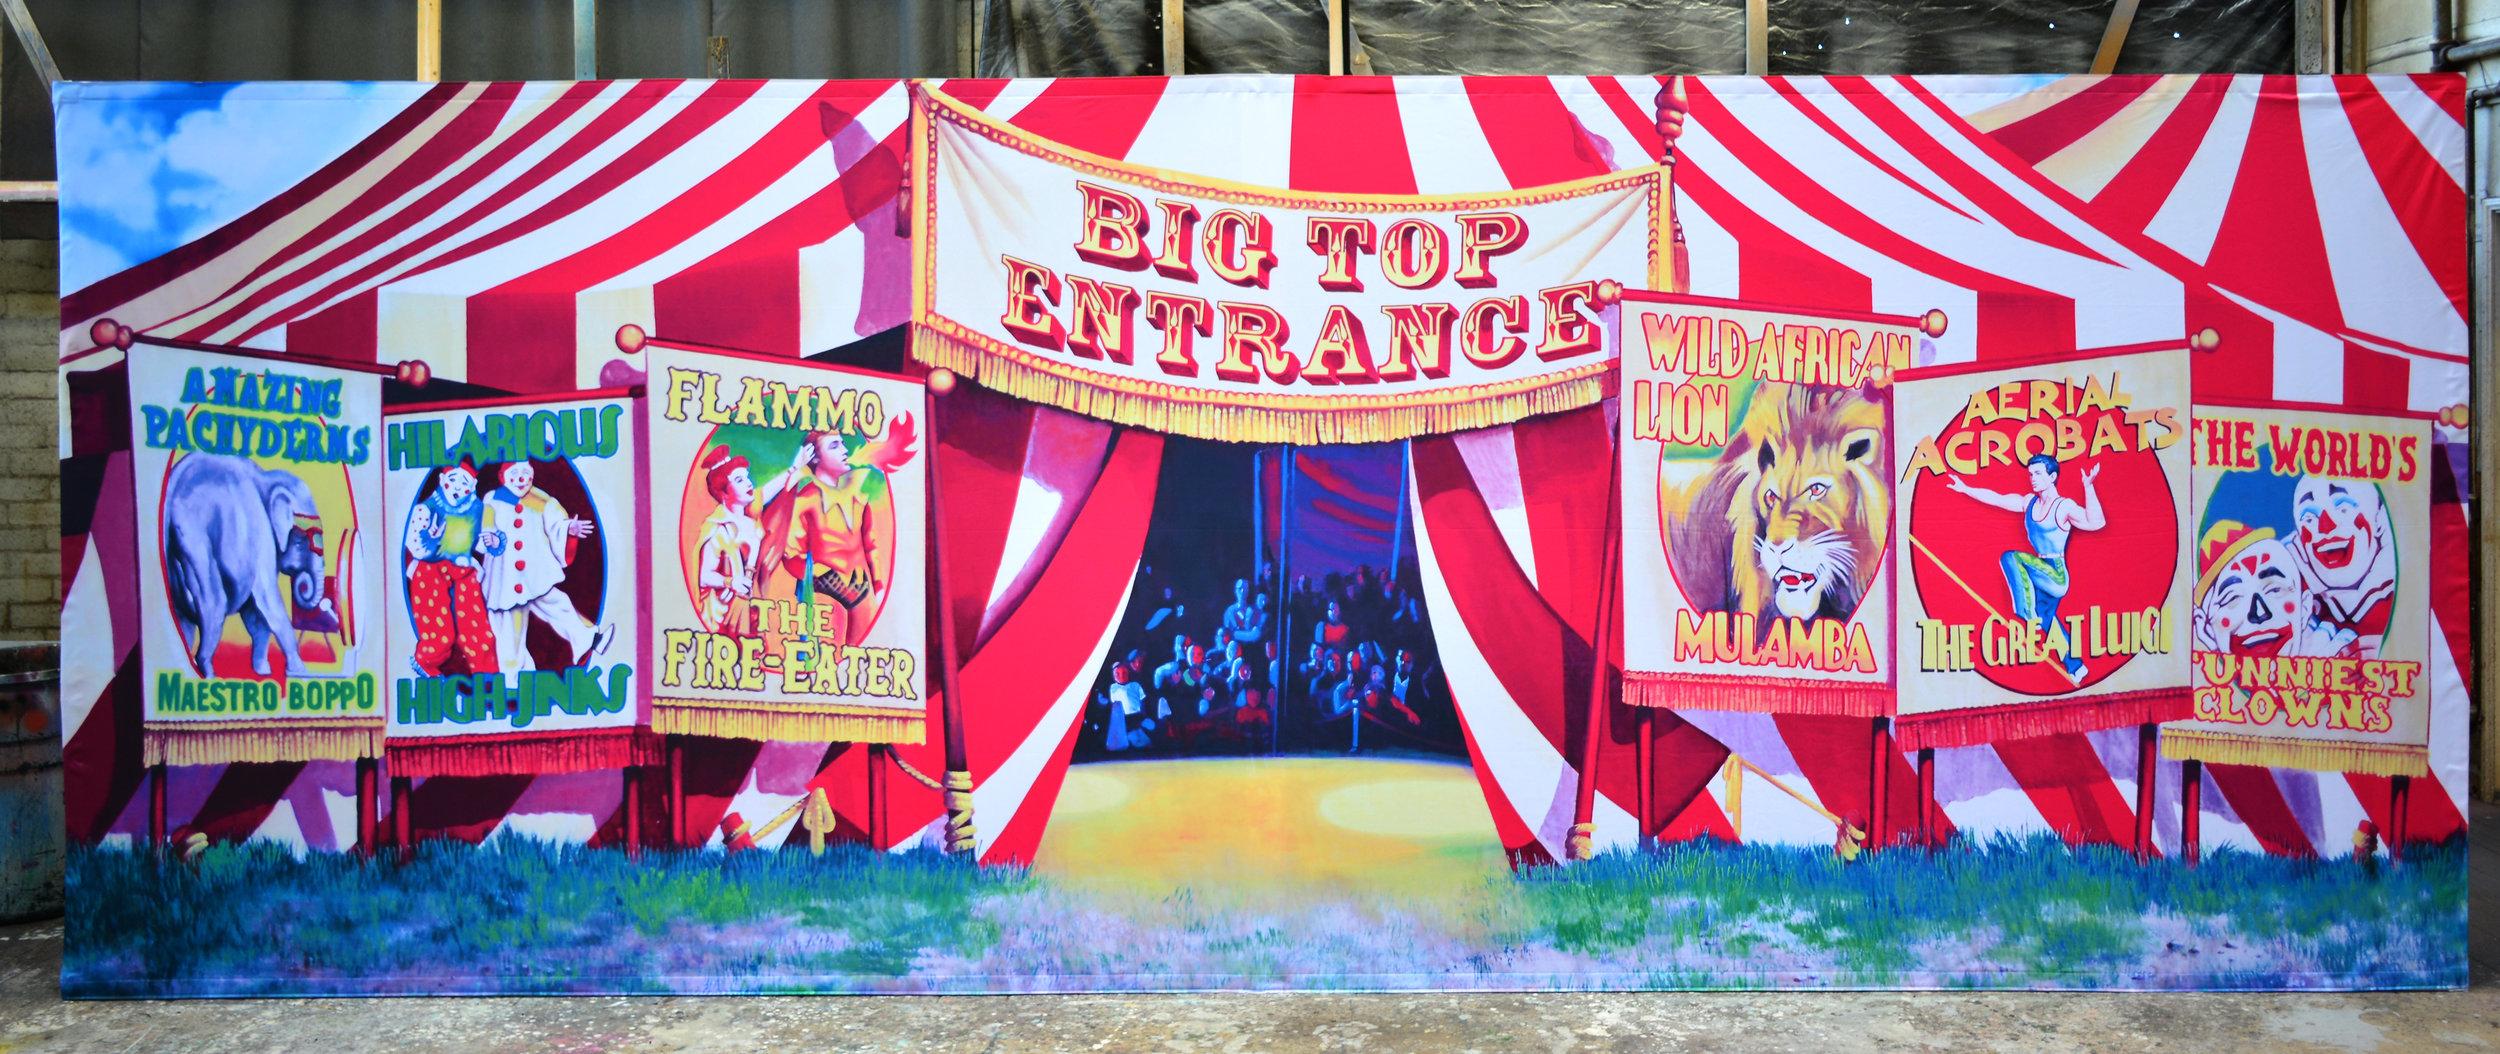 Circus Tent pop up drop